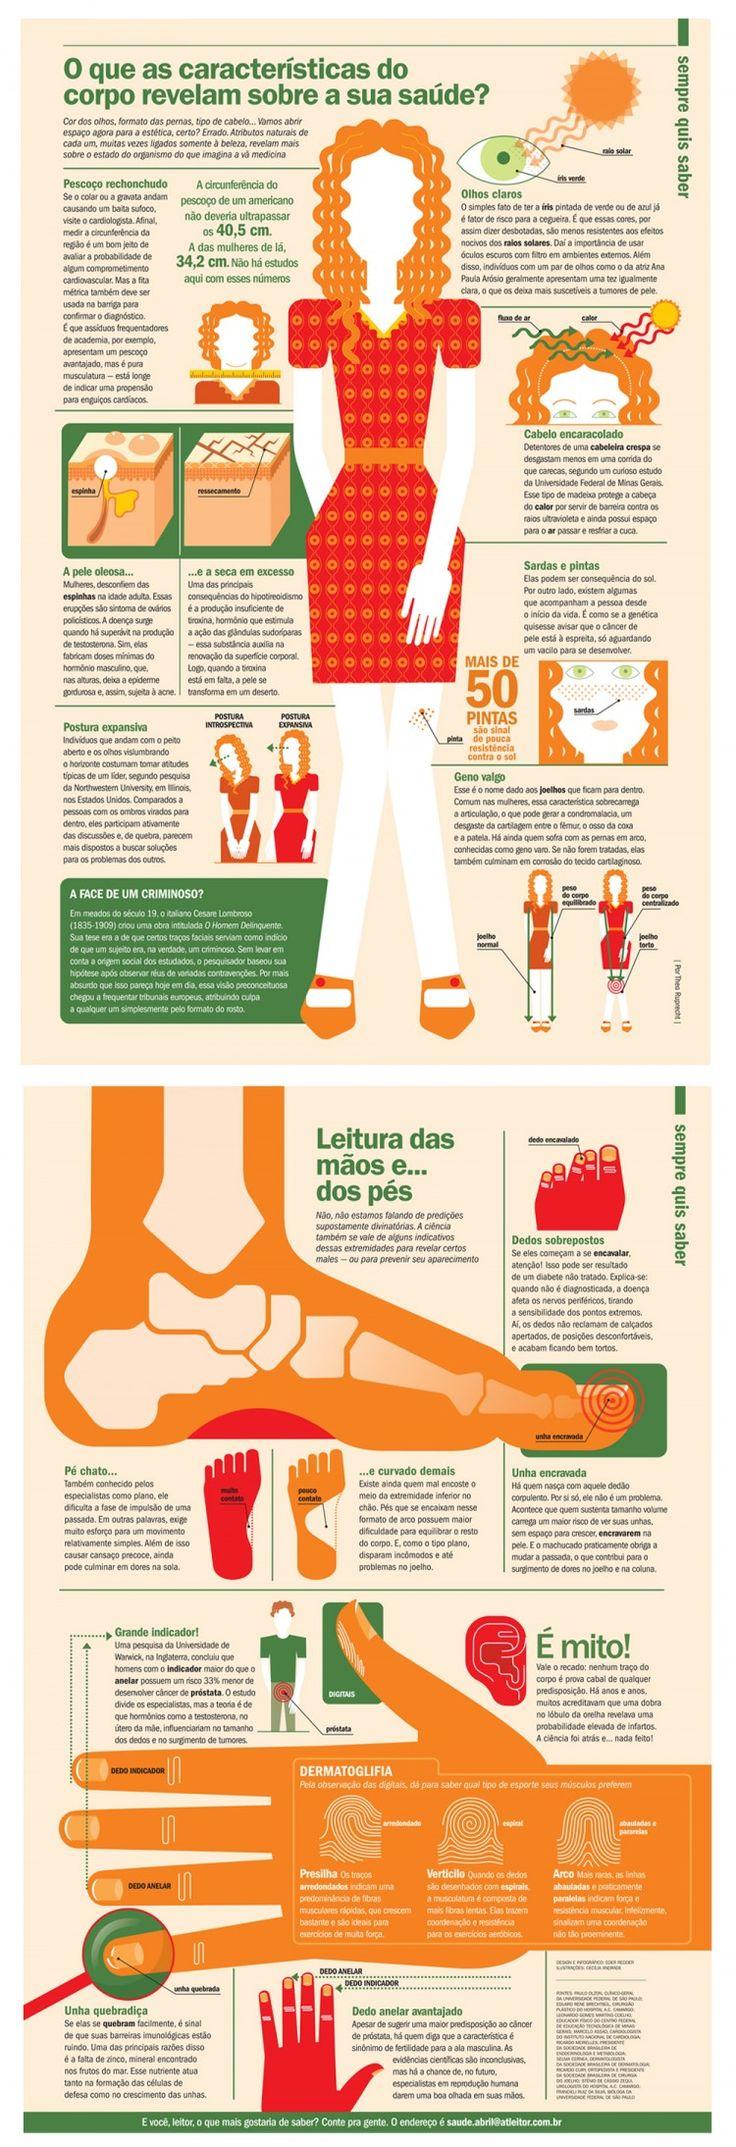 O que as caracteristicas do corpo revelam sobre a saúde